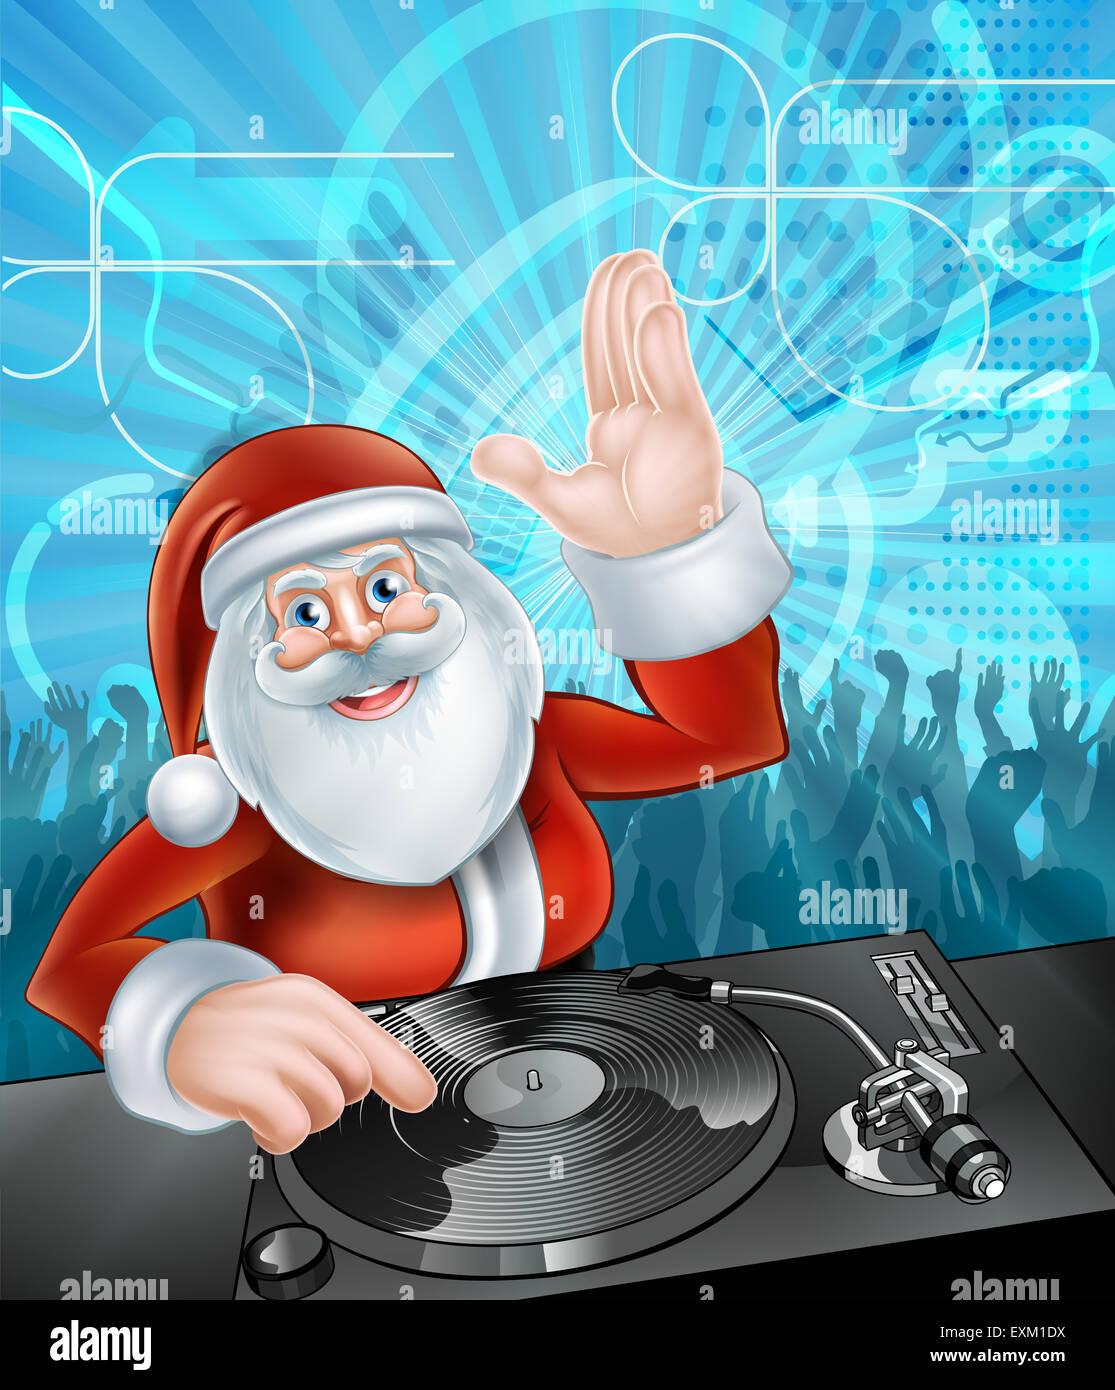 Weihnachtsfeier Cartoon.Weihnachtsmann Cartoon Weihnachtsfeier Dj Mit An Den Rekord Decks